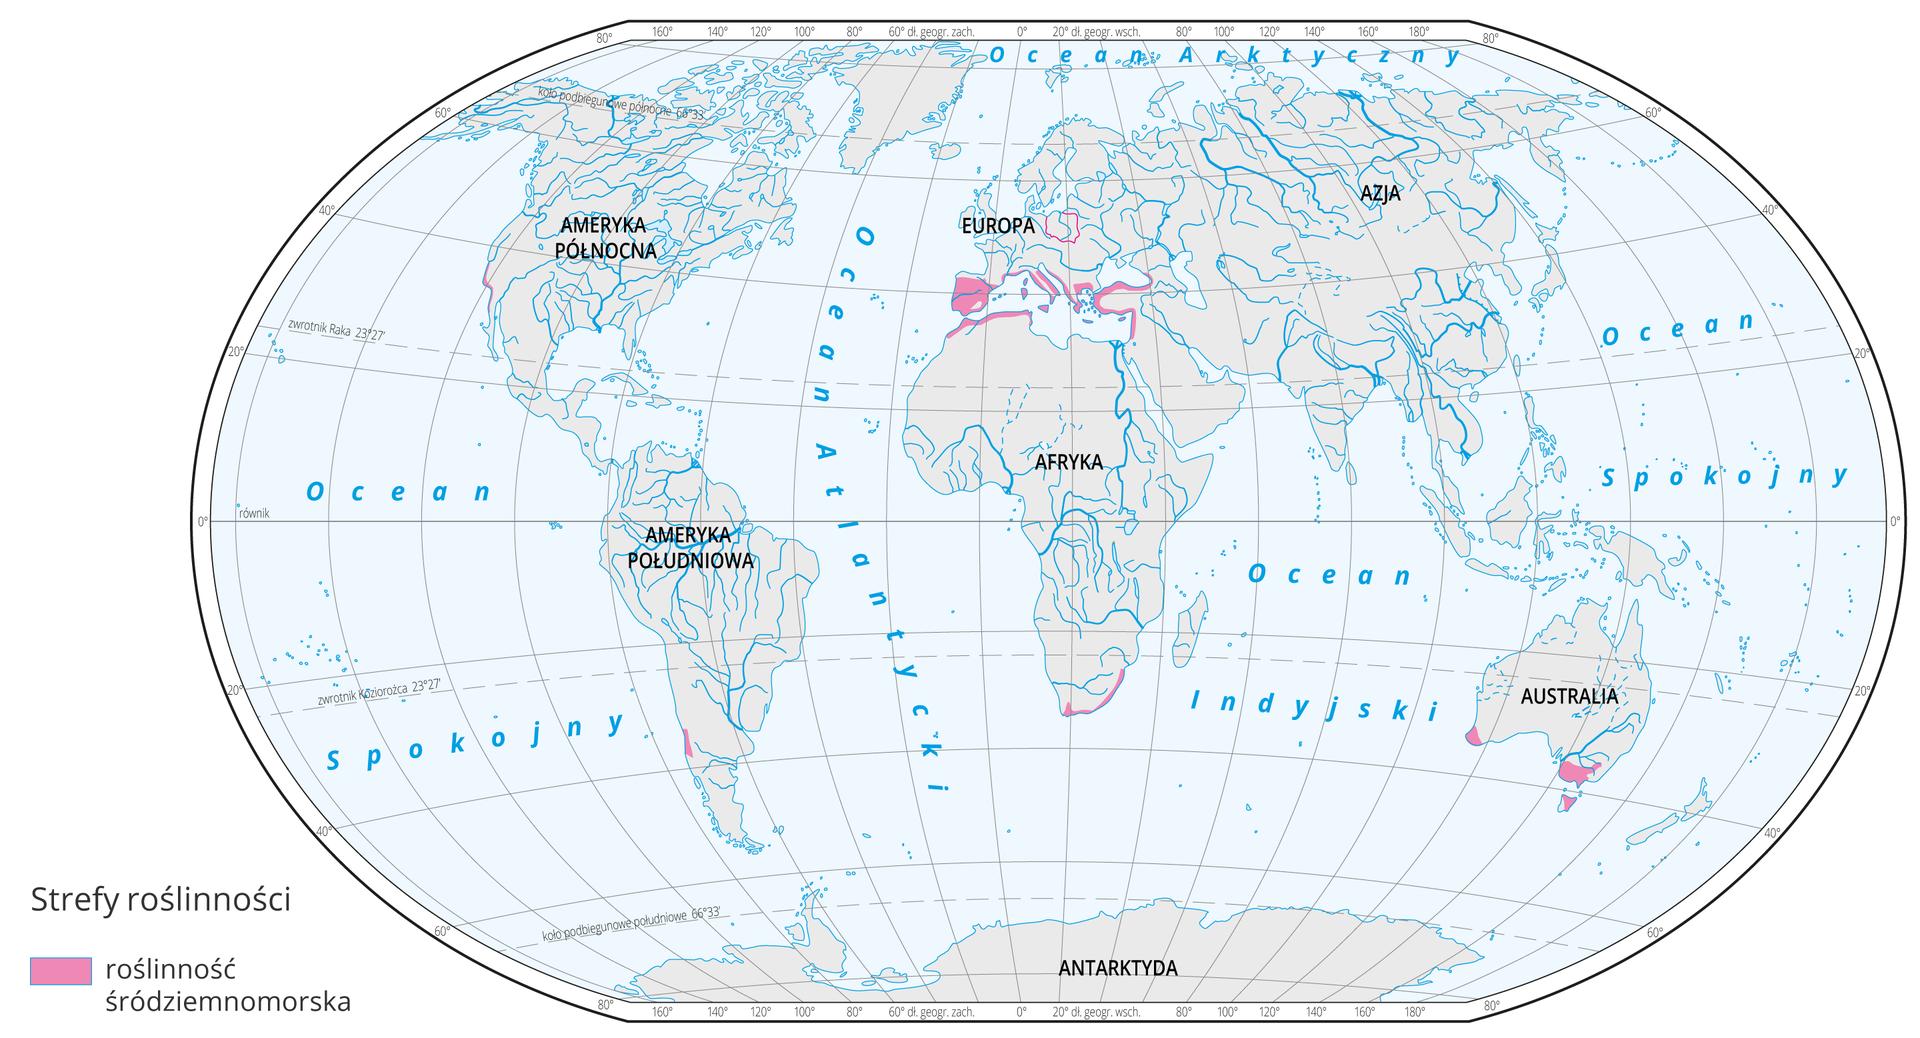 Mapa świata prezentuje występowanie klimatu śródziemnomorskiego na Ziemi. Klimat śródziemnomorski oznaczono kolorem fioletowym na mapie, który występuje: na wybrzeżach iwyspach Morza śródziemnego, na południu Afryki iAustralii.